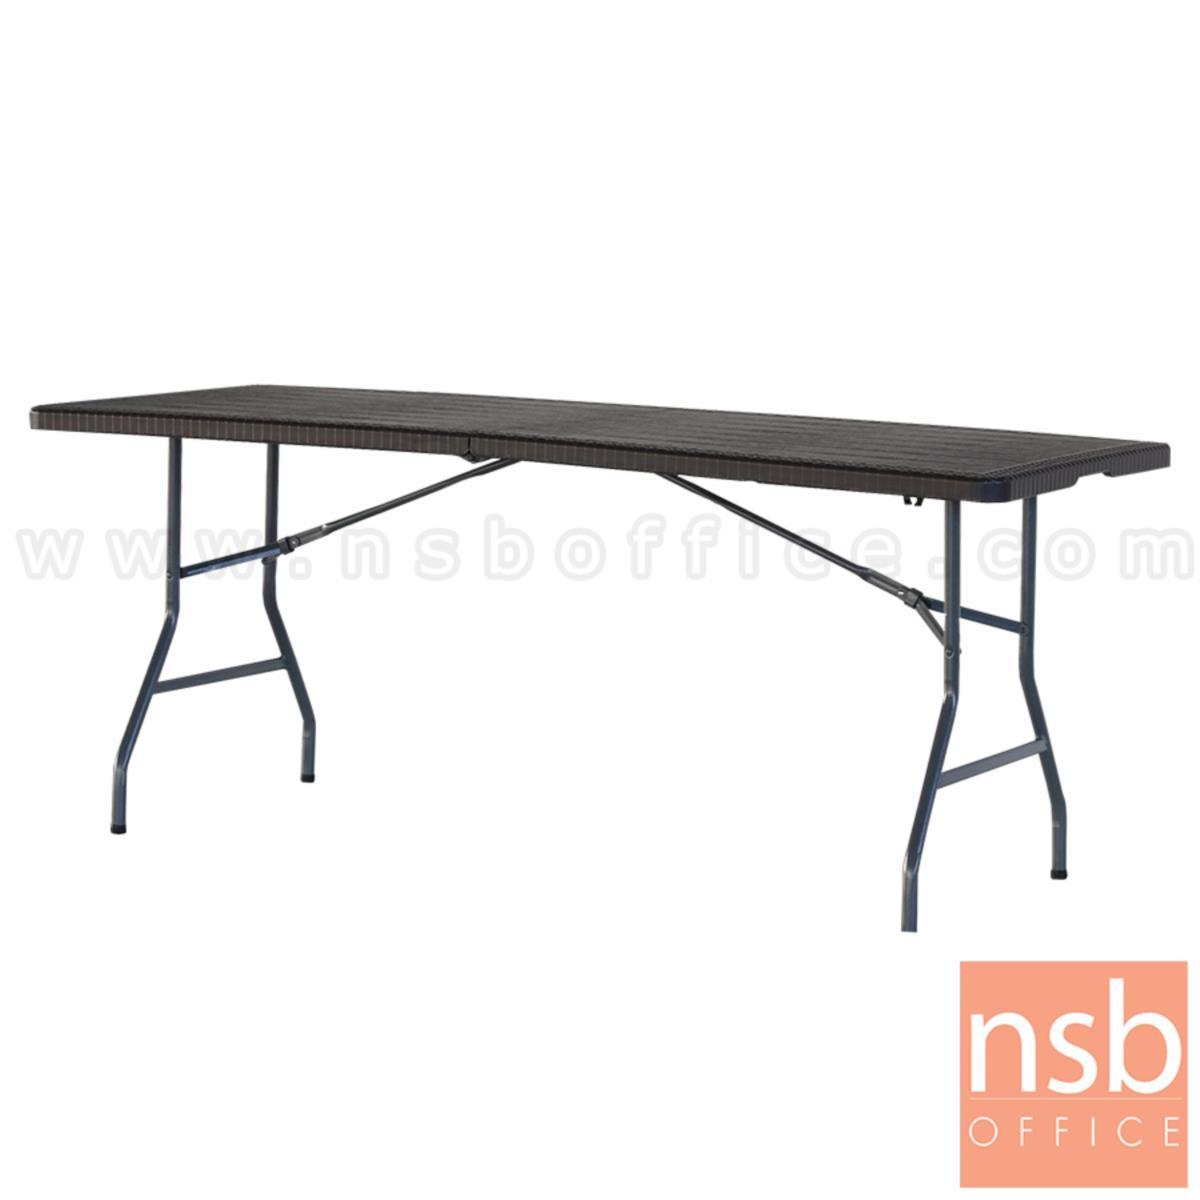 G08A306:โต๊ะพับสนาม (6 ที่นั่ง) รุ่น Jacin (เจซซิน)  โครงขาเหล็ก